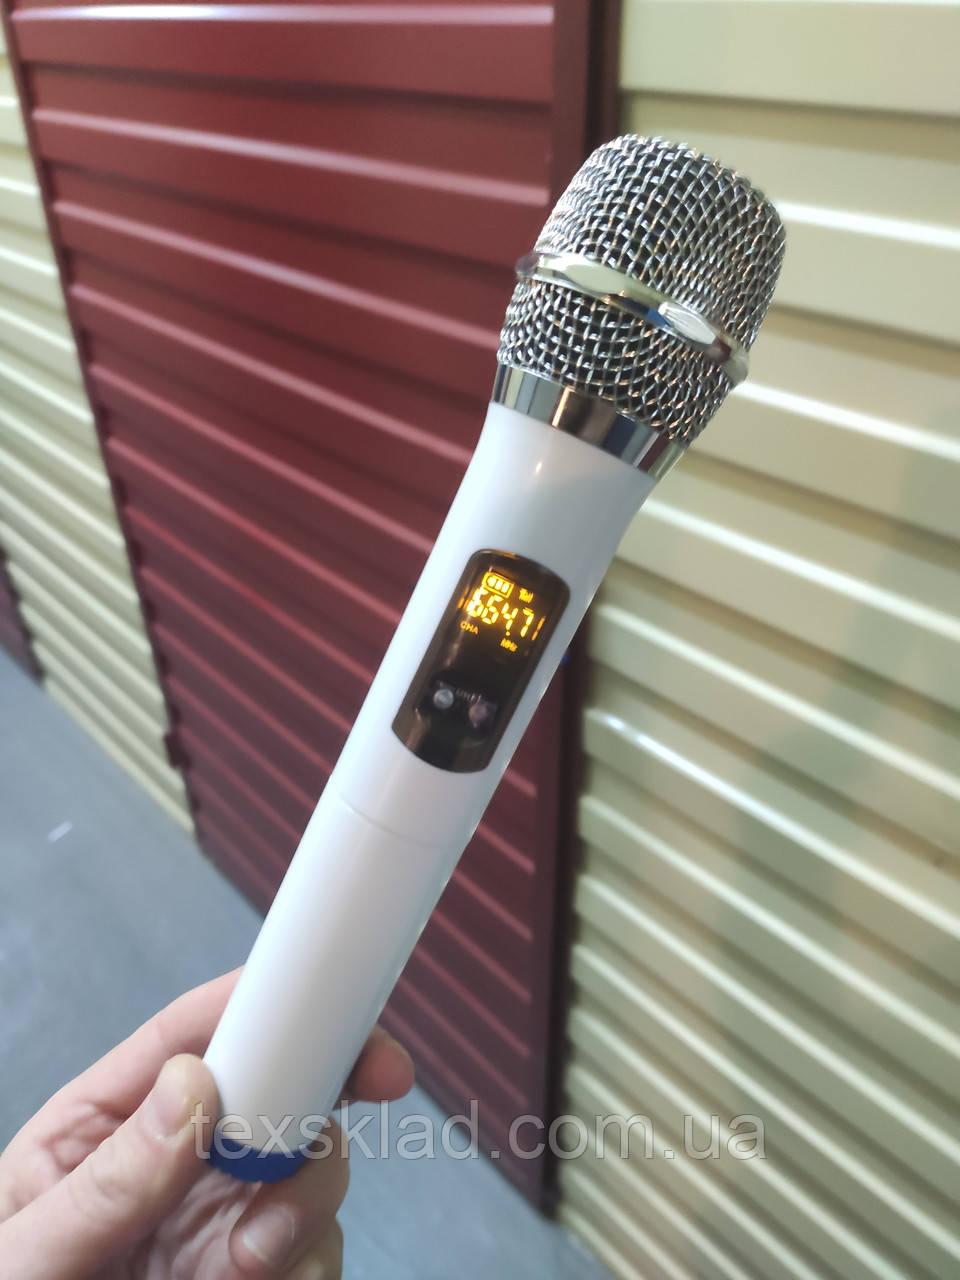 Беспроводной микрофон для аккумуляторной колонки QX-1521 или HAMERSH 1521